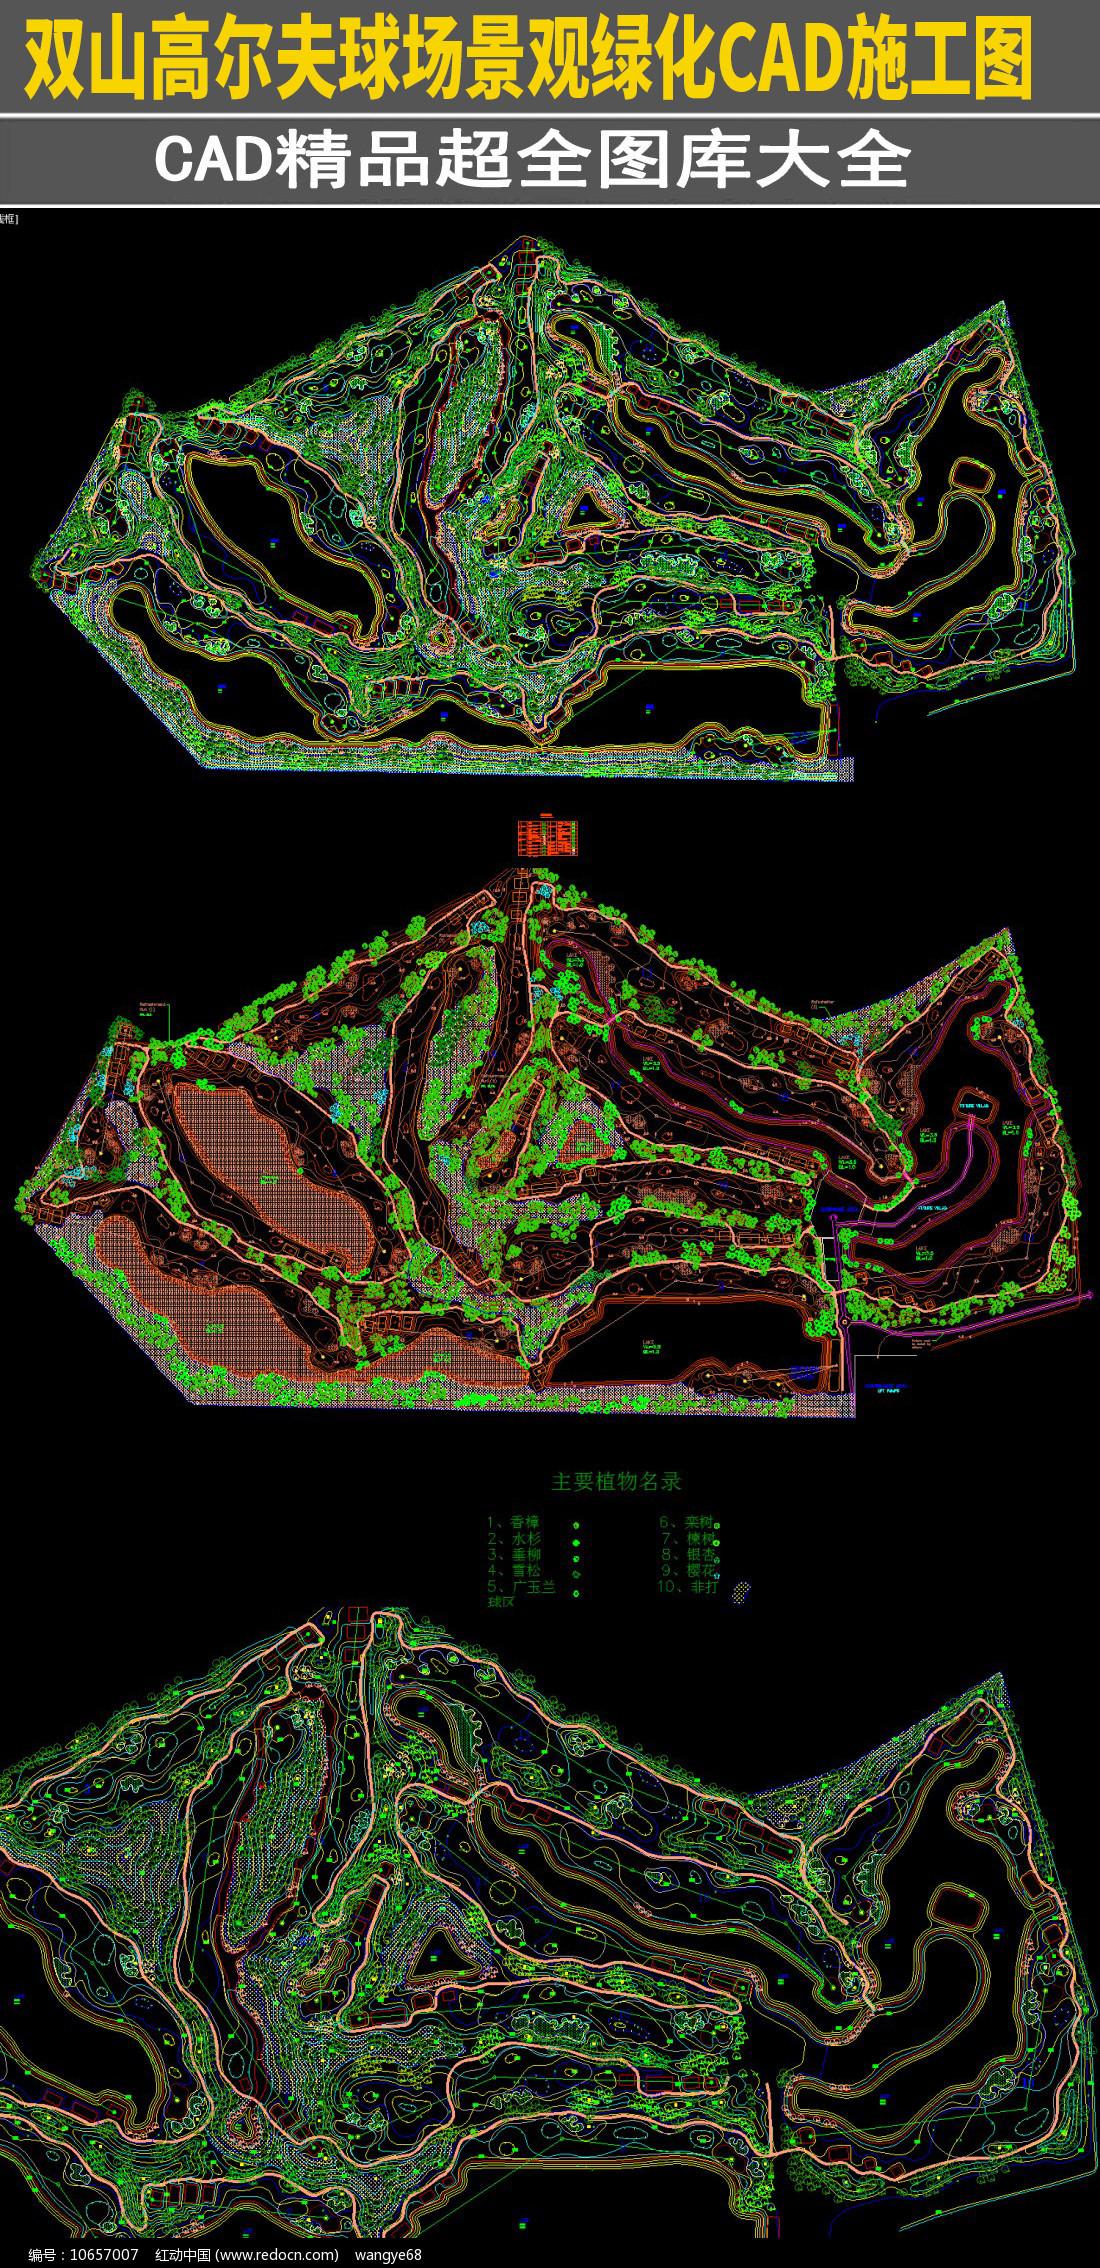 双山高尔夫球场景观绿化CAD施工图图片